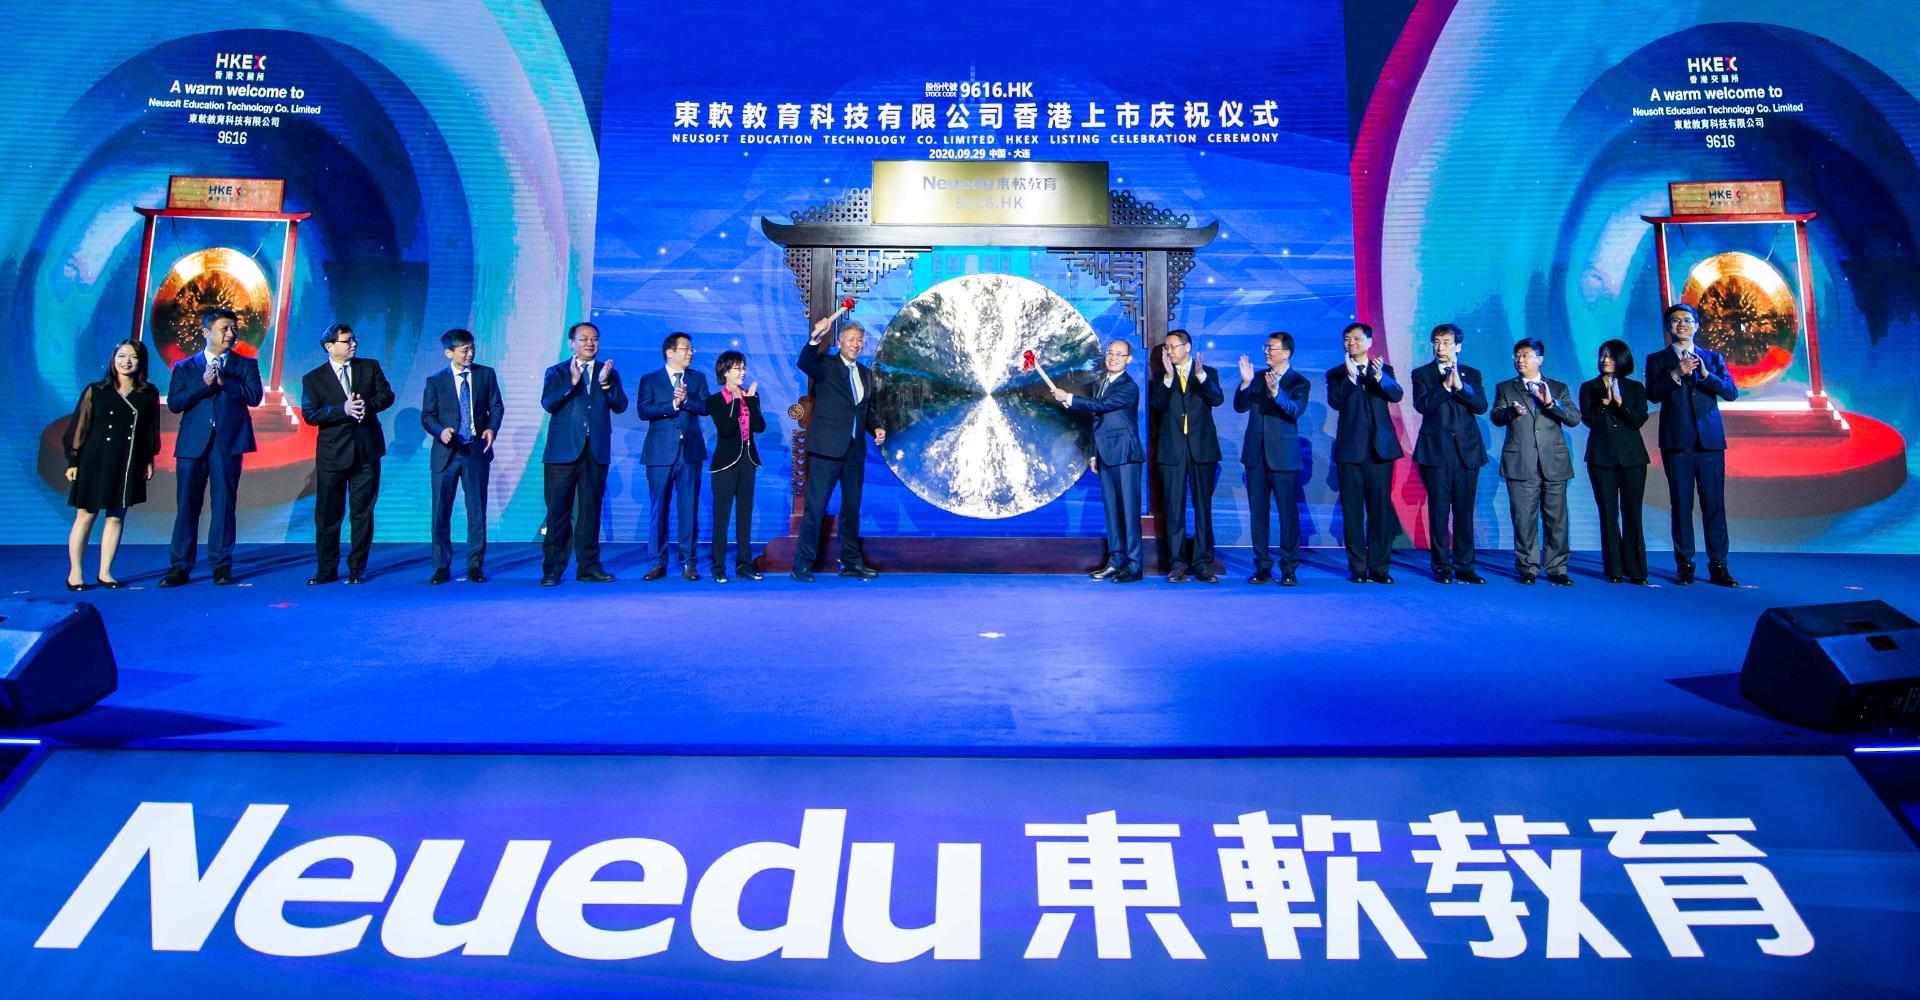 创新进取 逐梦远航|东软教育科技有限公司成功于香港联合交易所主板挂牌上市